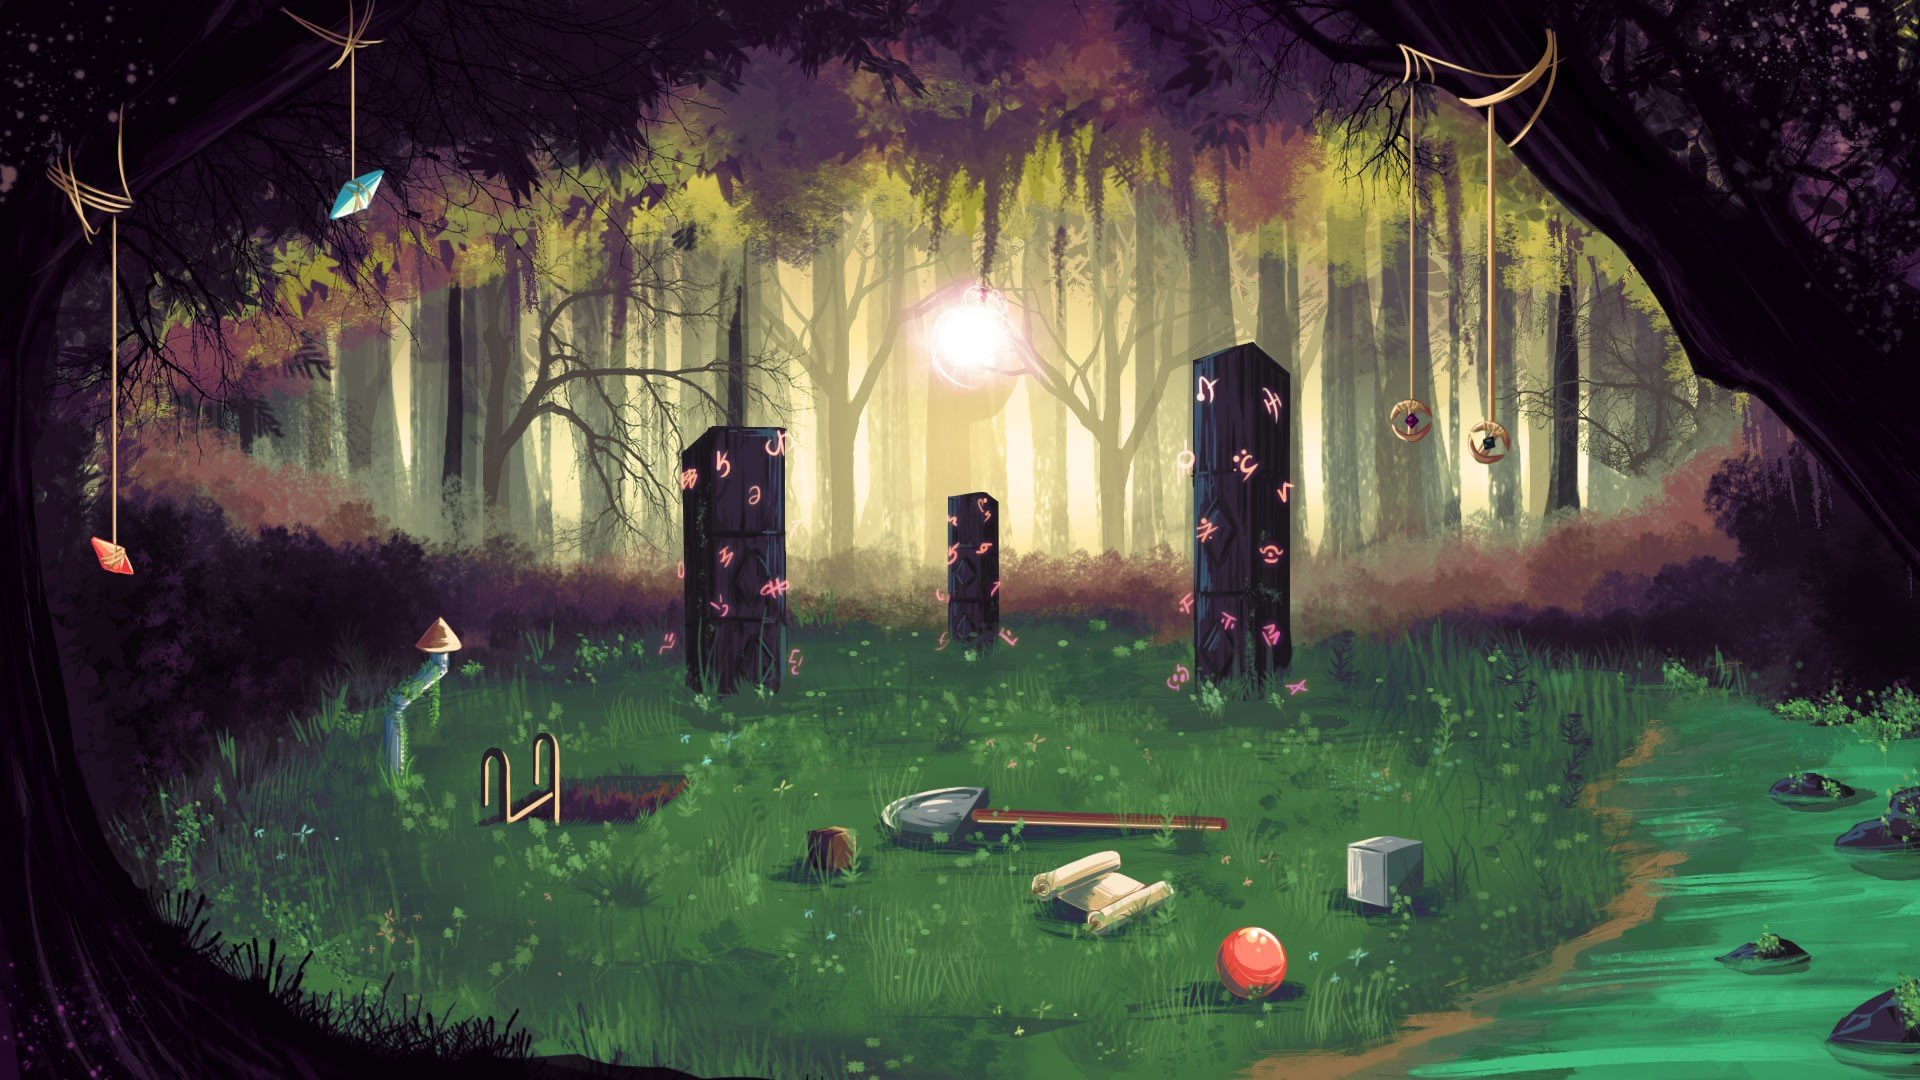 Top Wallpaper Minecraft Art - b4768faa4c67f47bb0c6198975921ffb  Gallery_30685.jpg